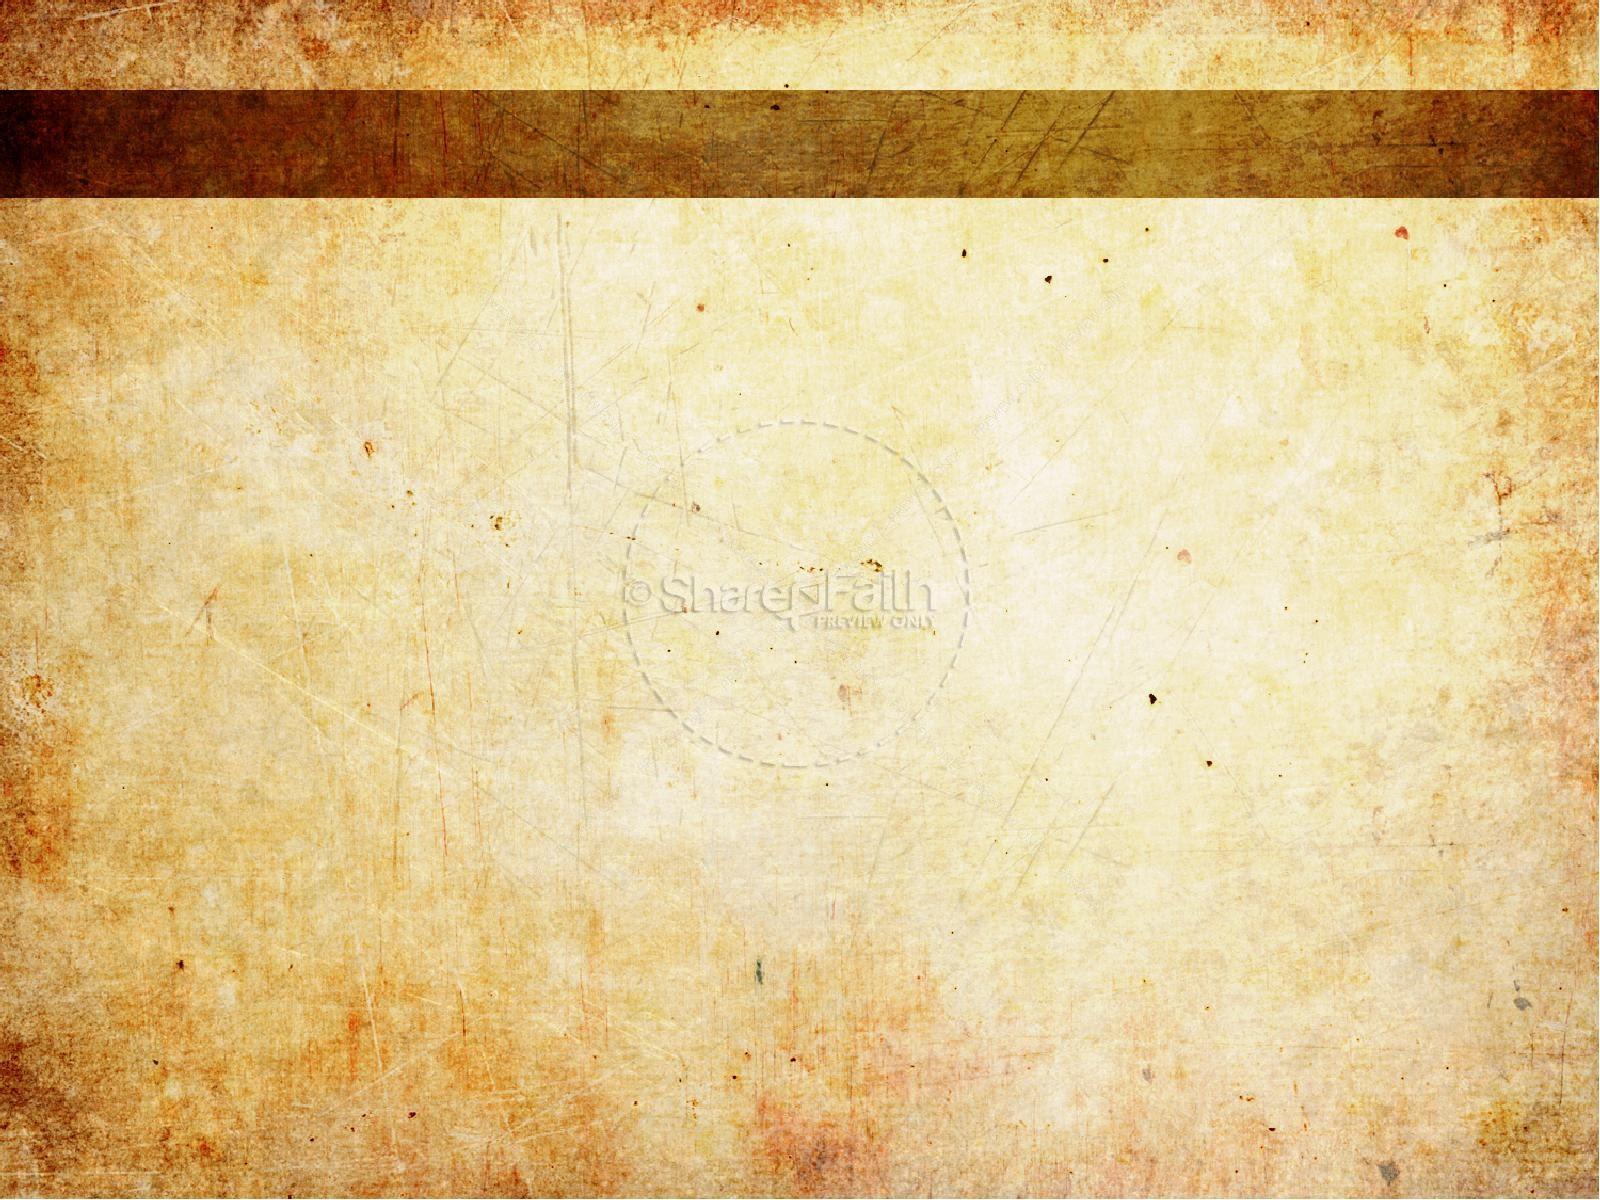 Download 4500 Koleksi Background Ppt Hd Pinterest HD Gratis